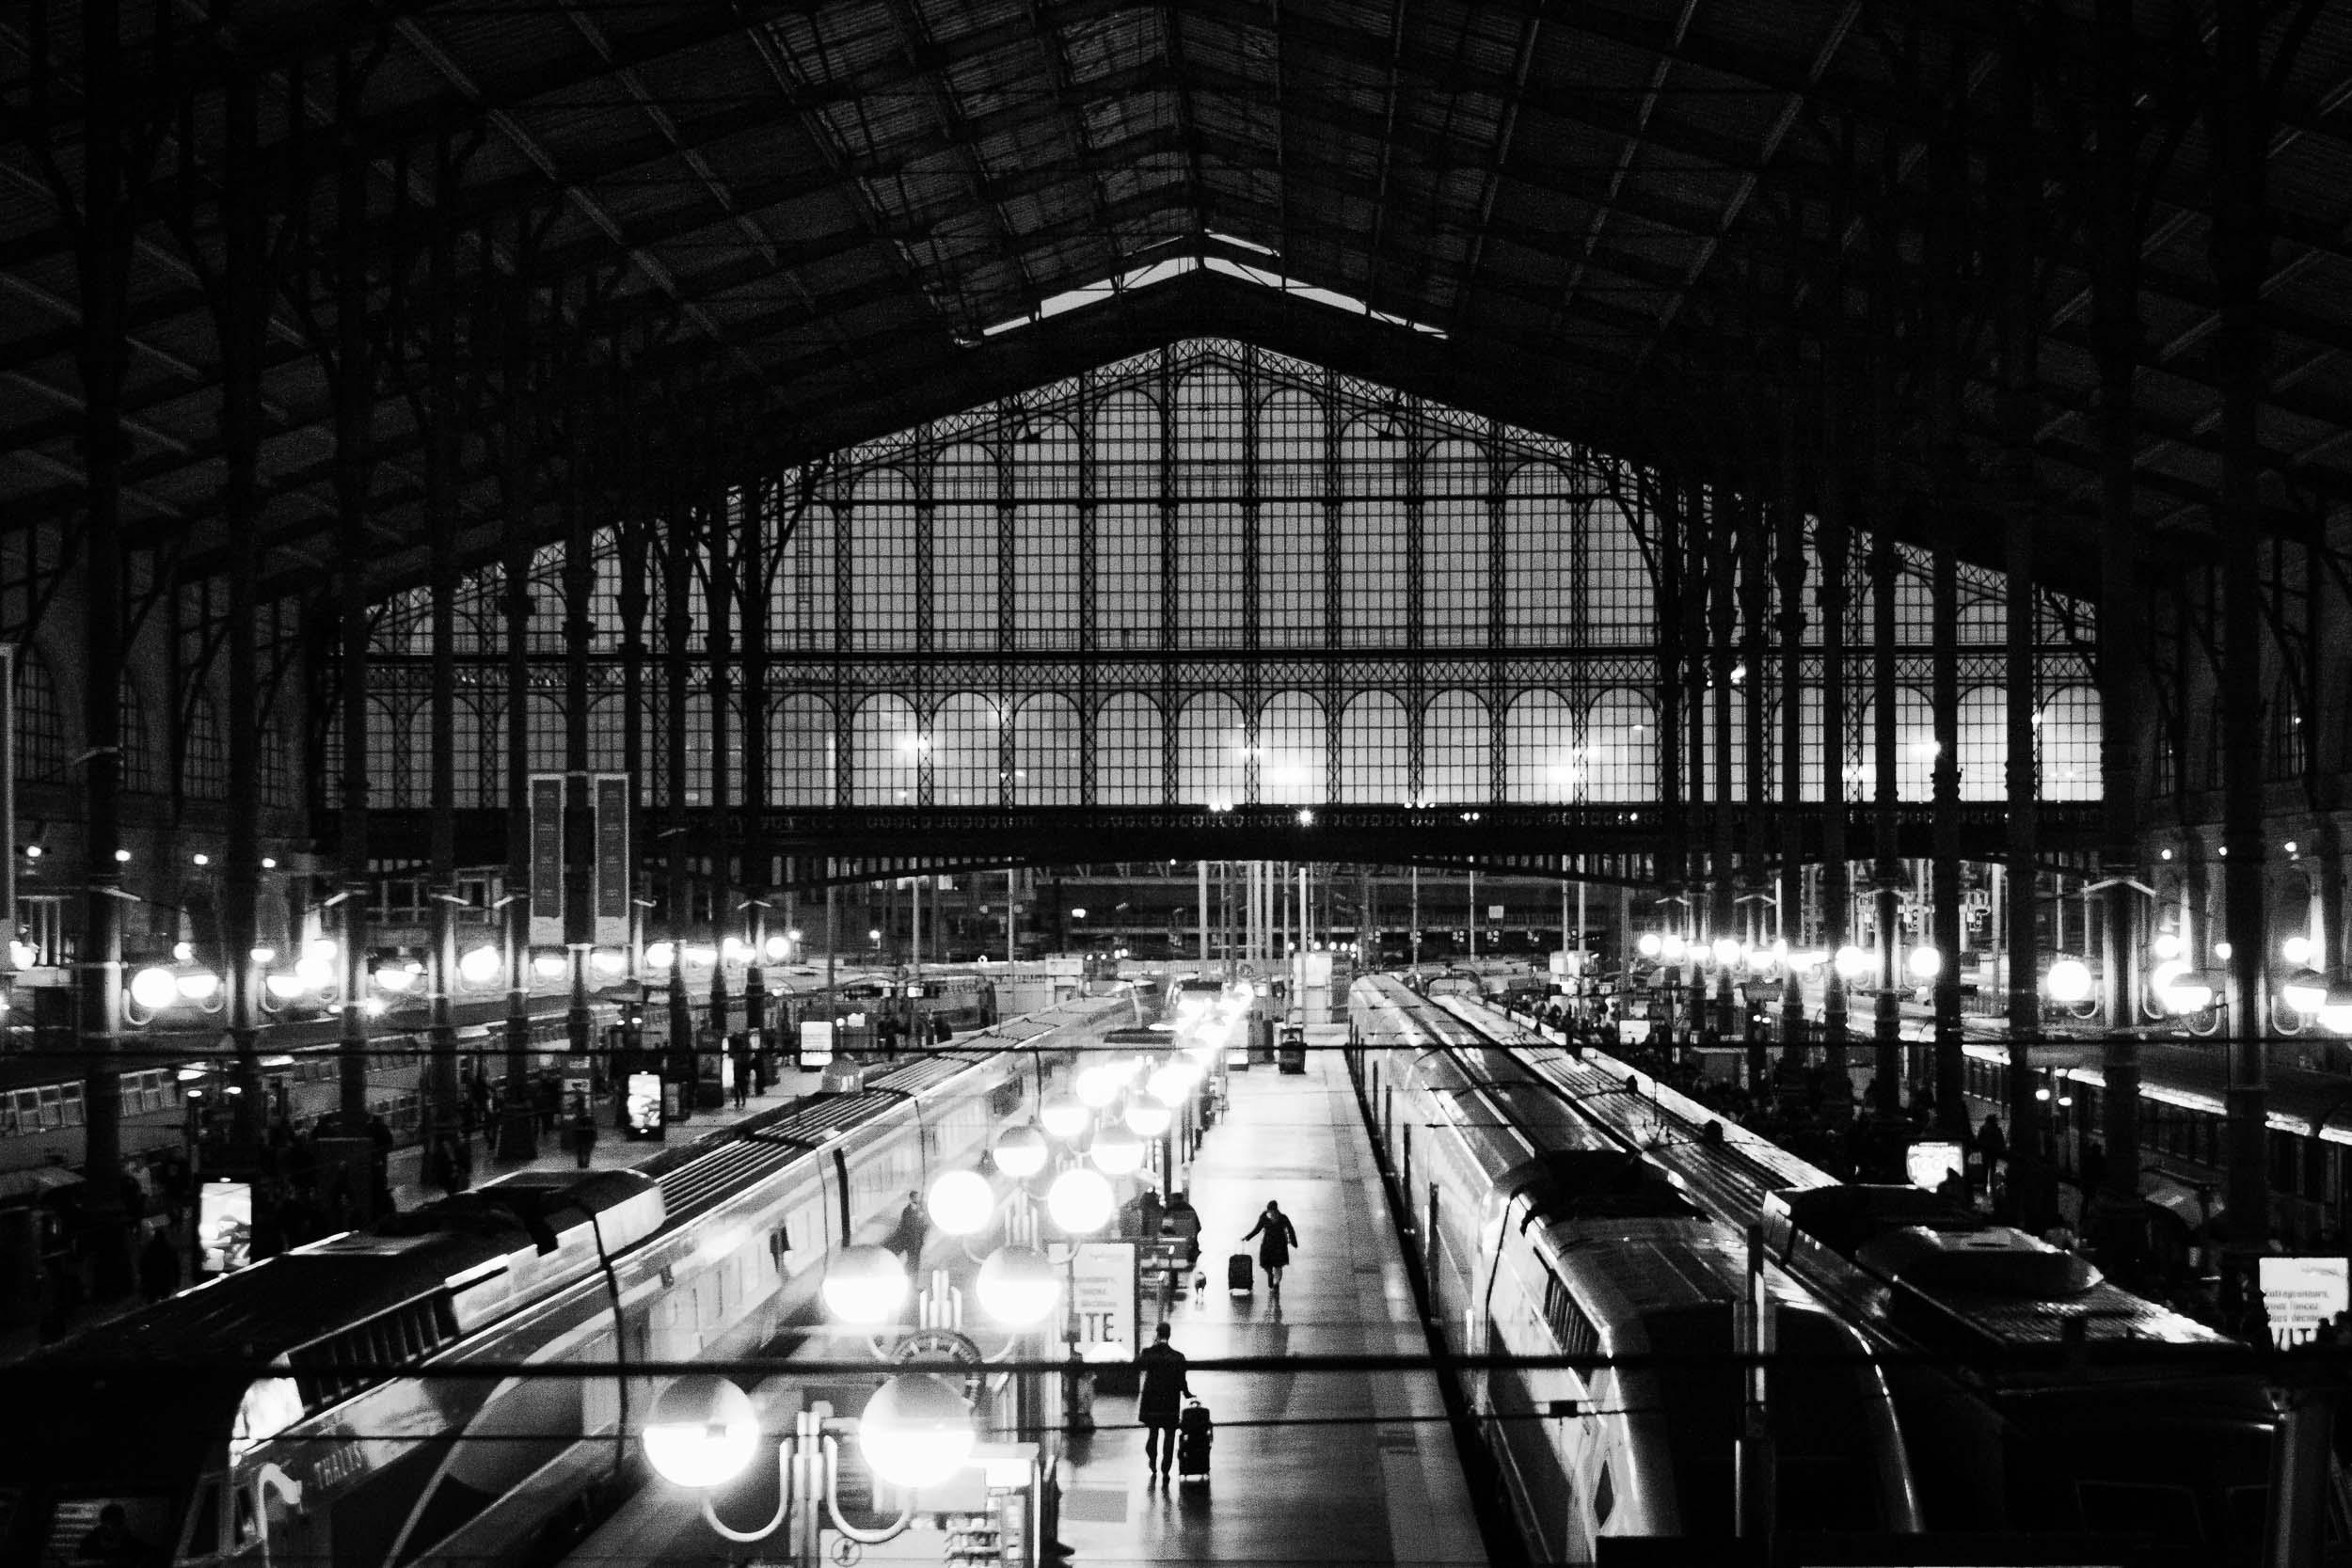 Paris-Gare-du-Nord-Two-Travelers-Meeting-at-Platform.jpg